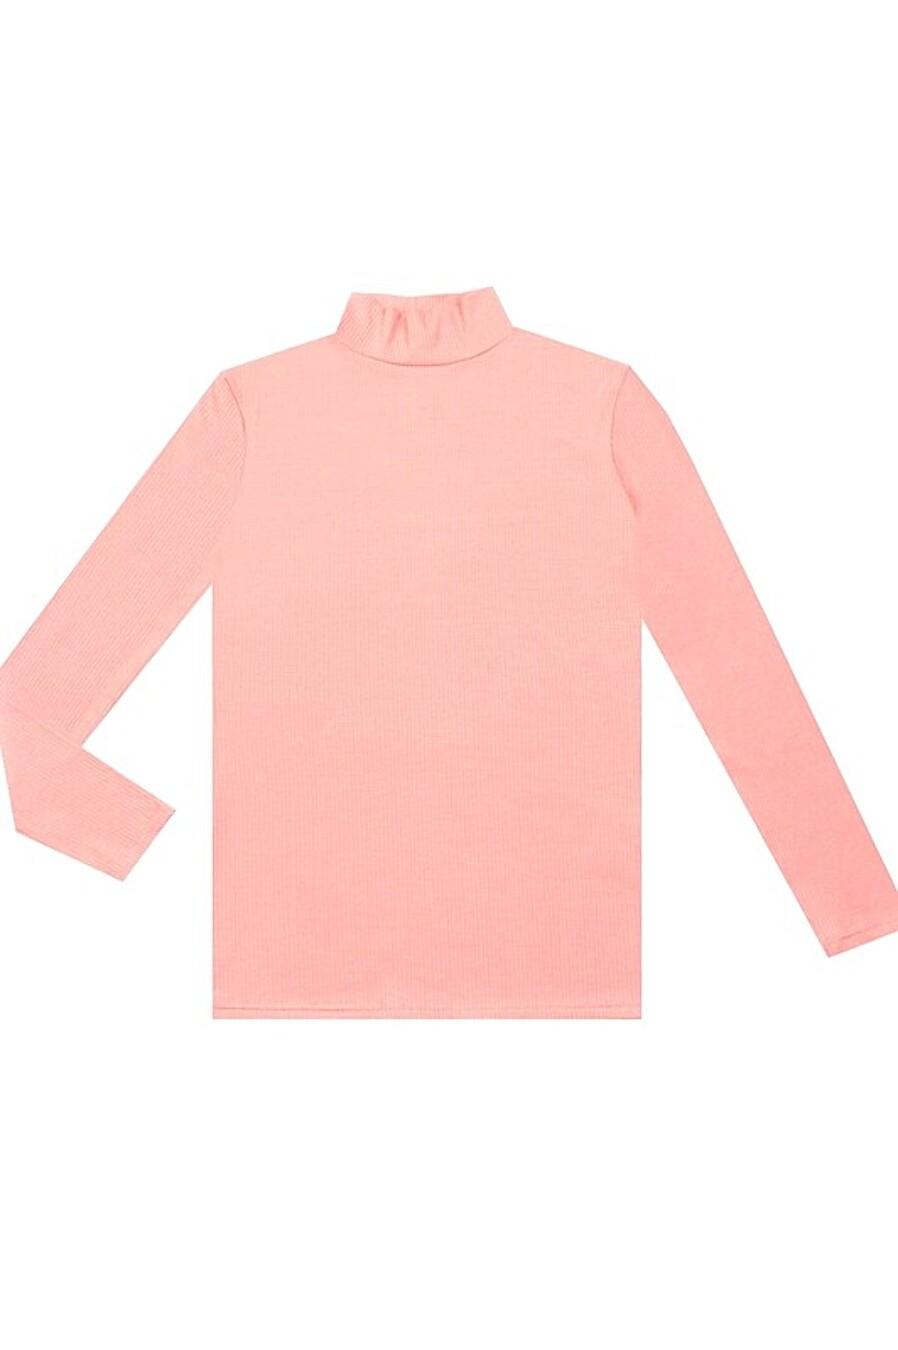 Водолазка для женщин Archi 158214 купить оптом от производителя. Совместная покупка женской одежды в OptMoyo